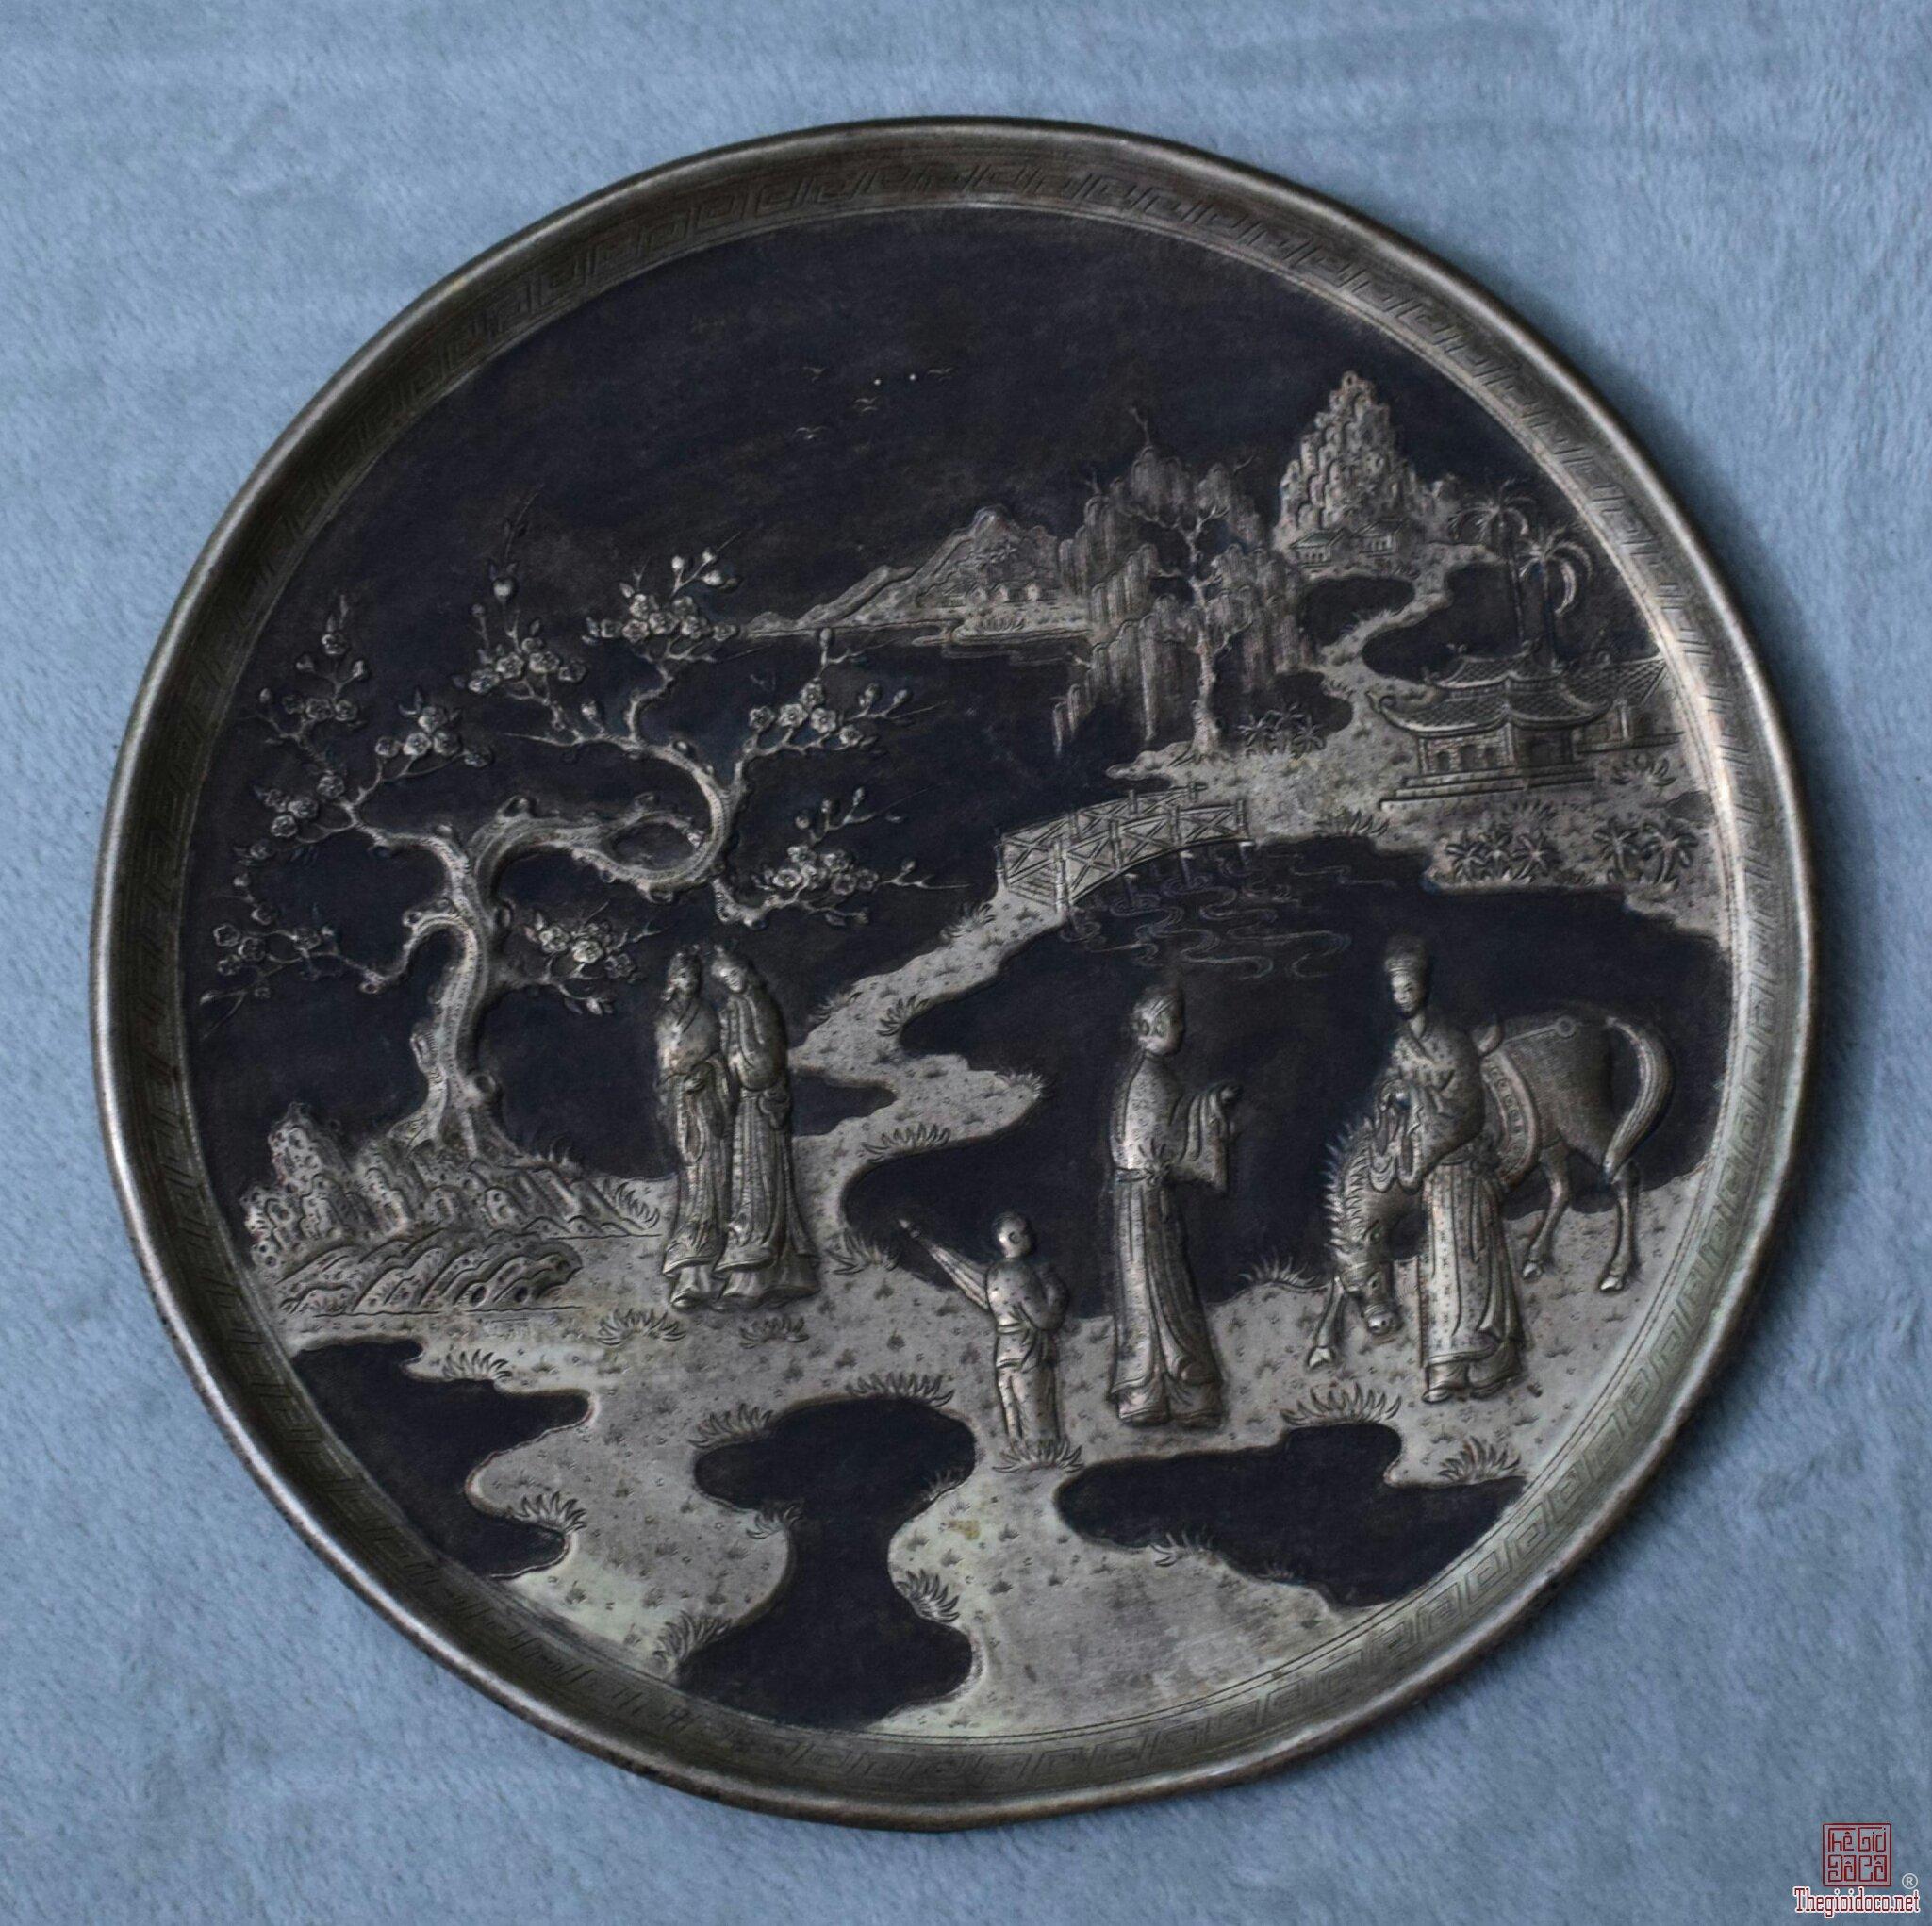 đĩa đồng xưa mạ bạc chạm thúc nổi